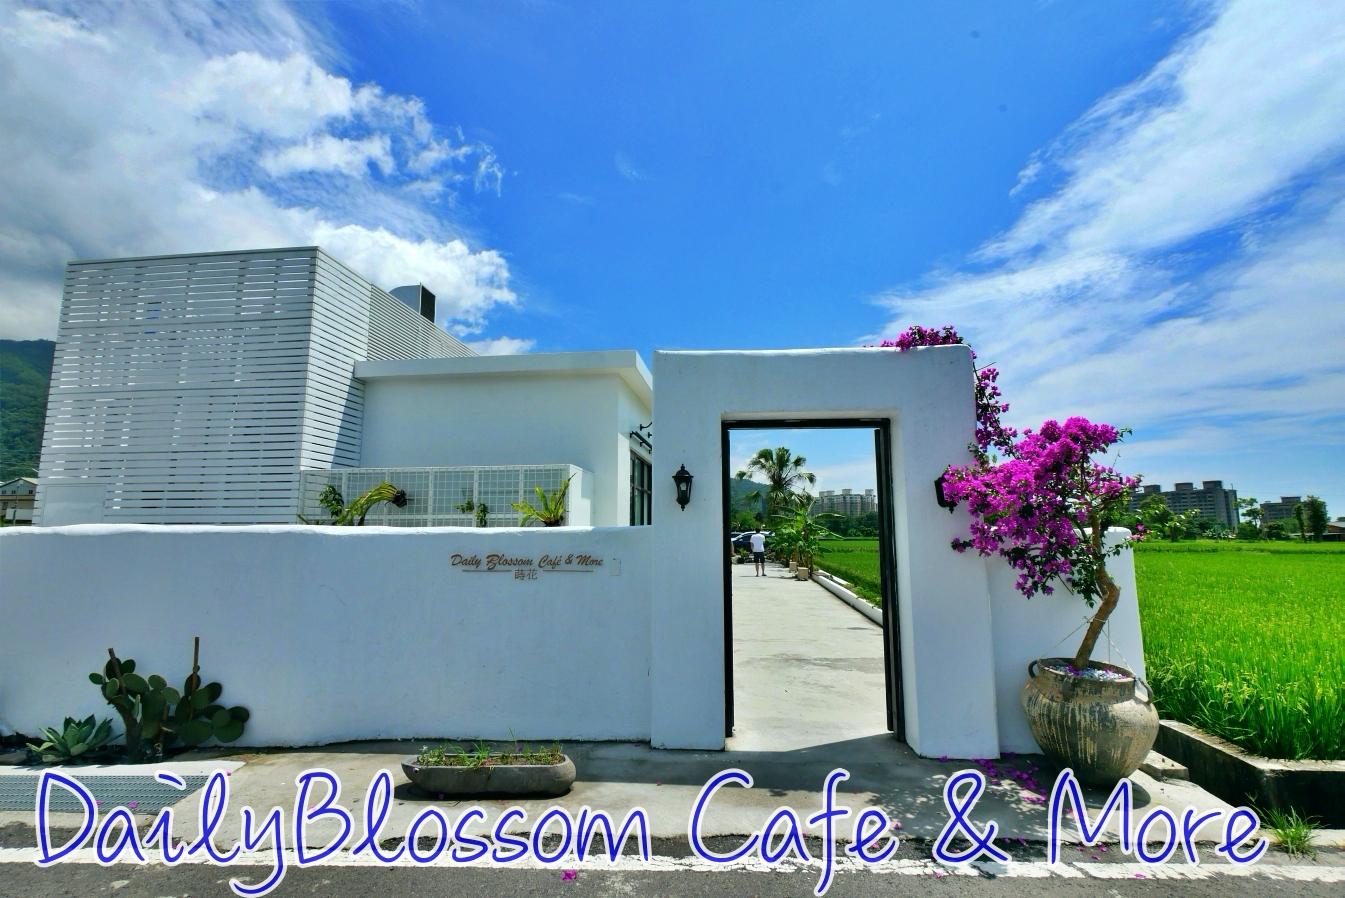 網站近期文章:[宜蘭美食]蒔花 DailyBlossom Cafe & More|礁溪目前最新火紅網美咖啡館~充滿異國風情渡假風格咖啡館